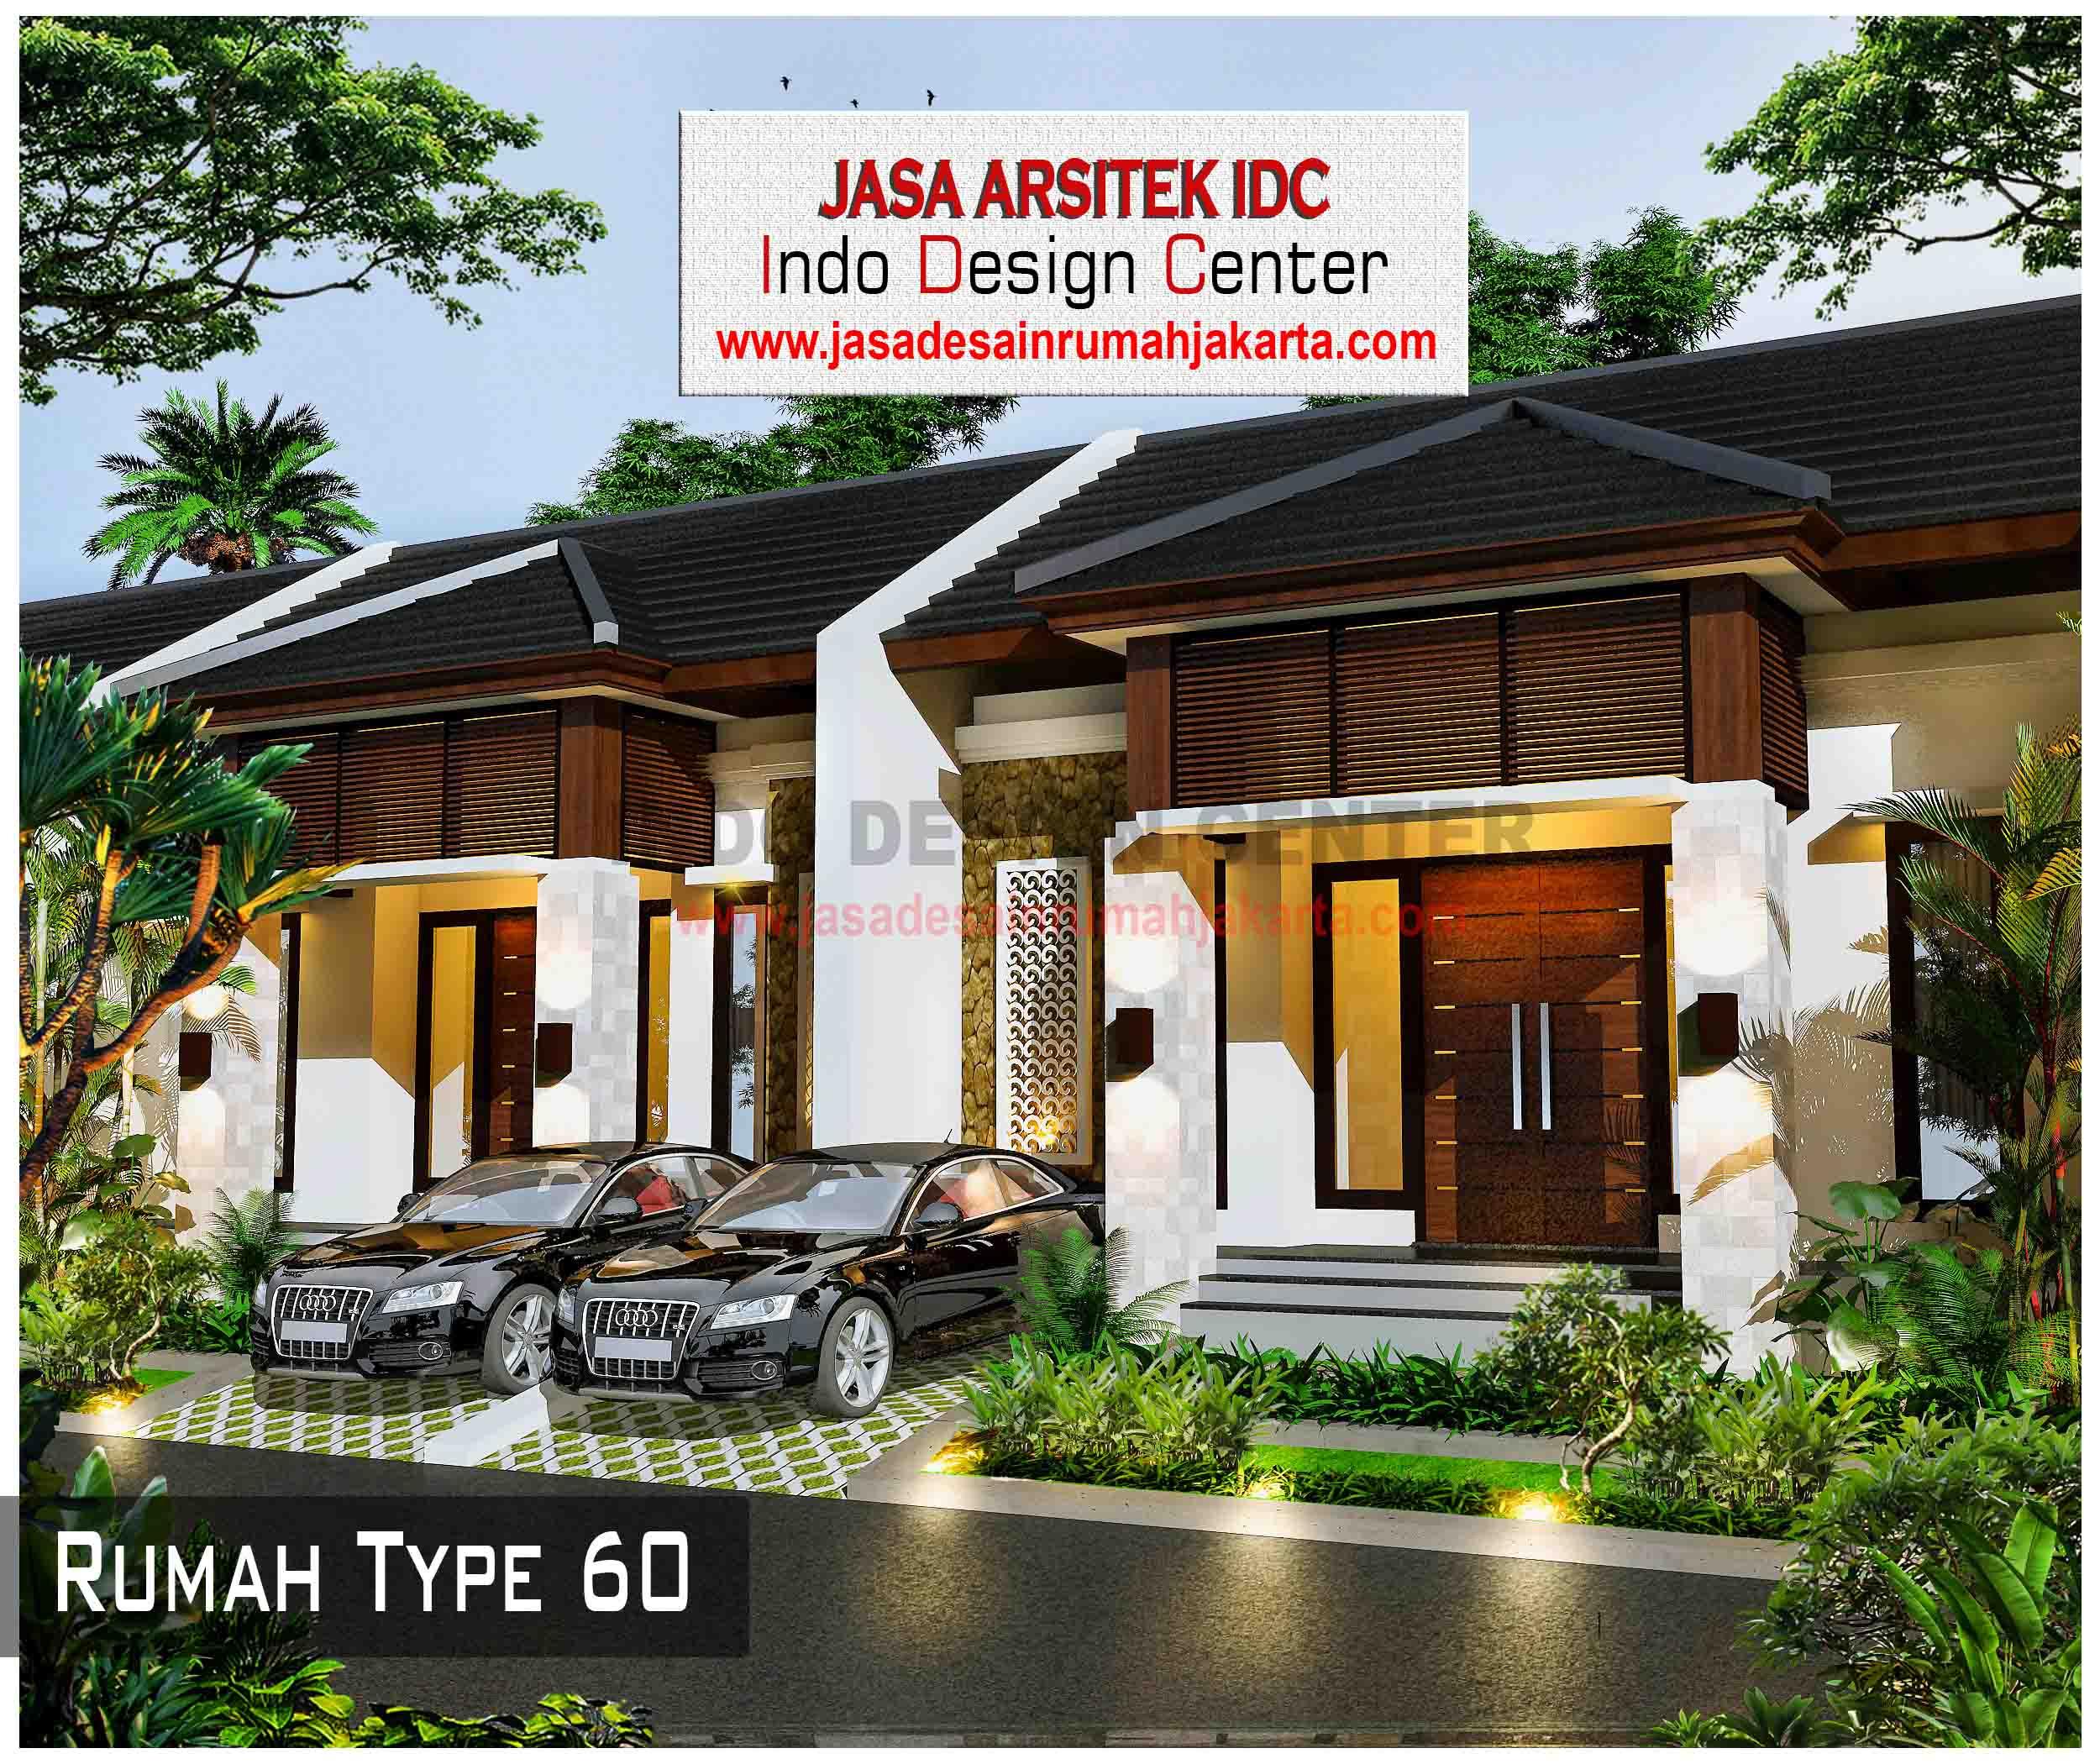 09 - Desain Rumah Type 60 - Jasa Desain Rumah Jakarta ...